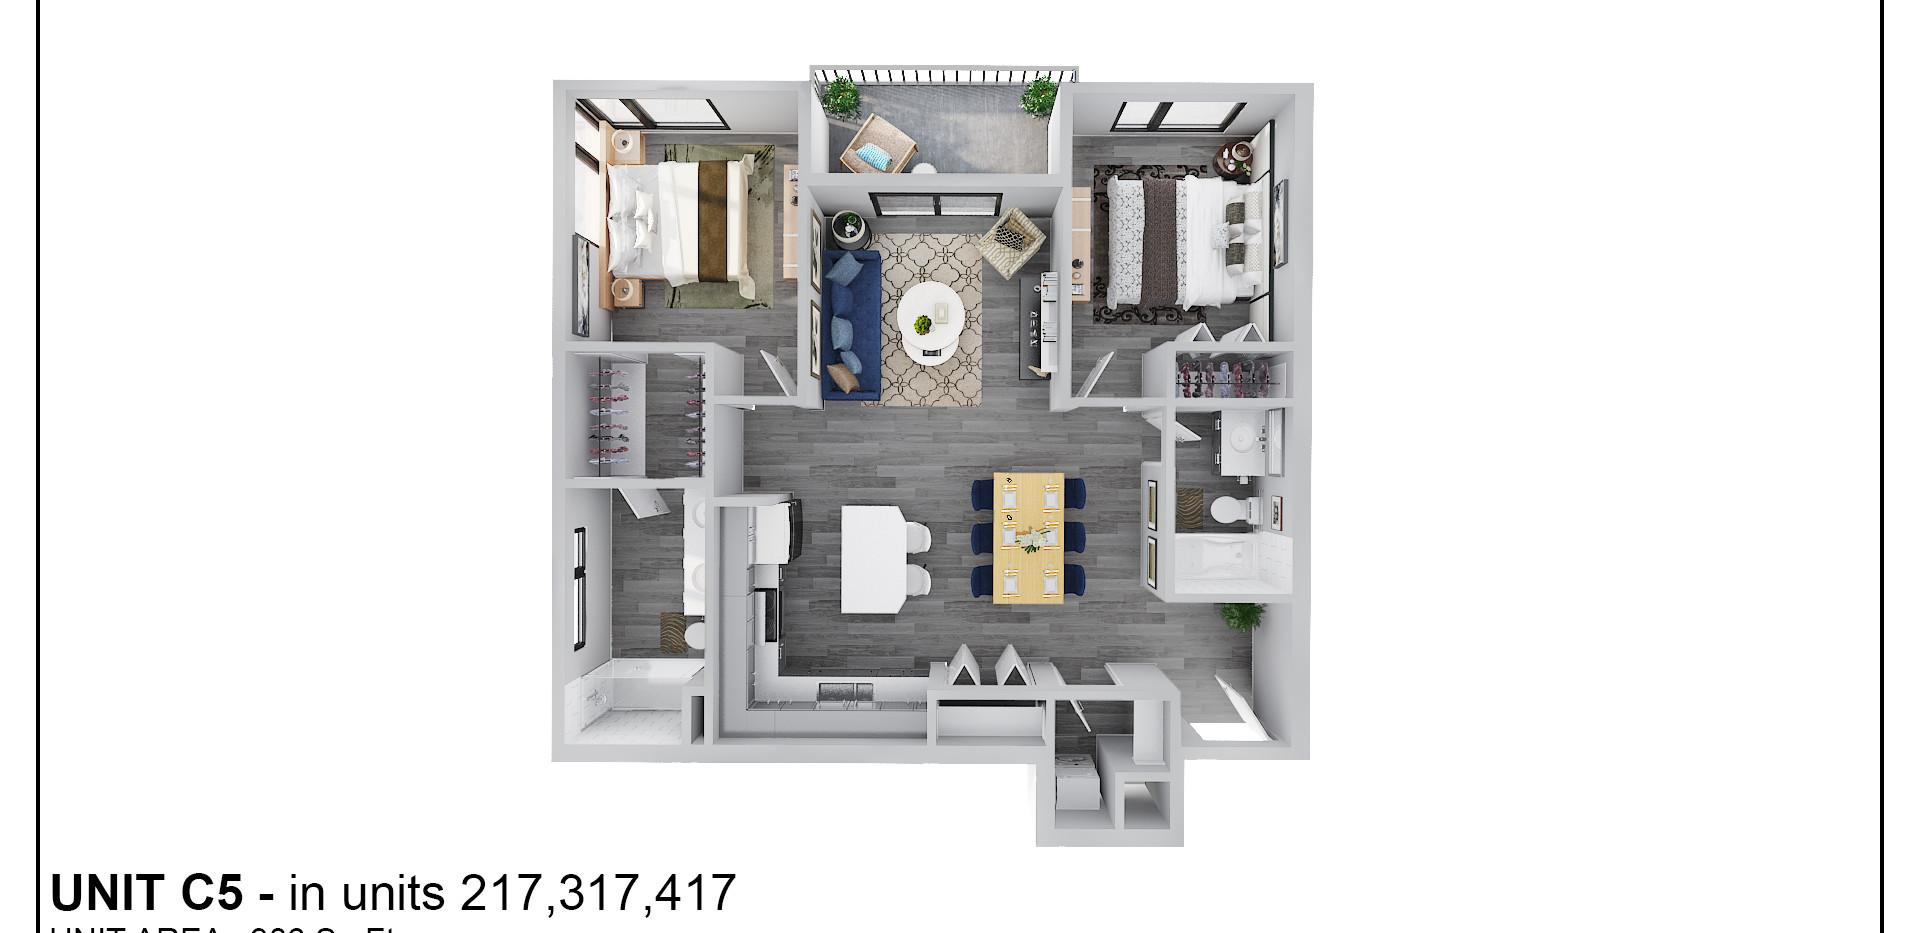 Floor Two - Unit C5 - 217